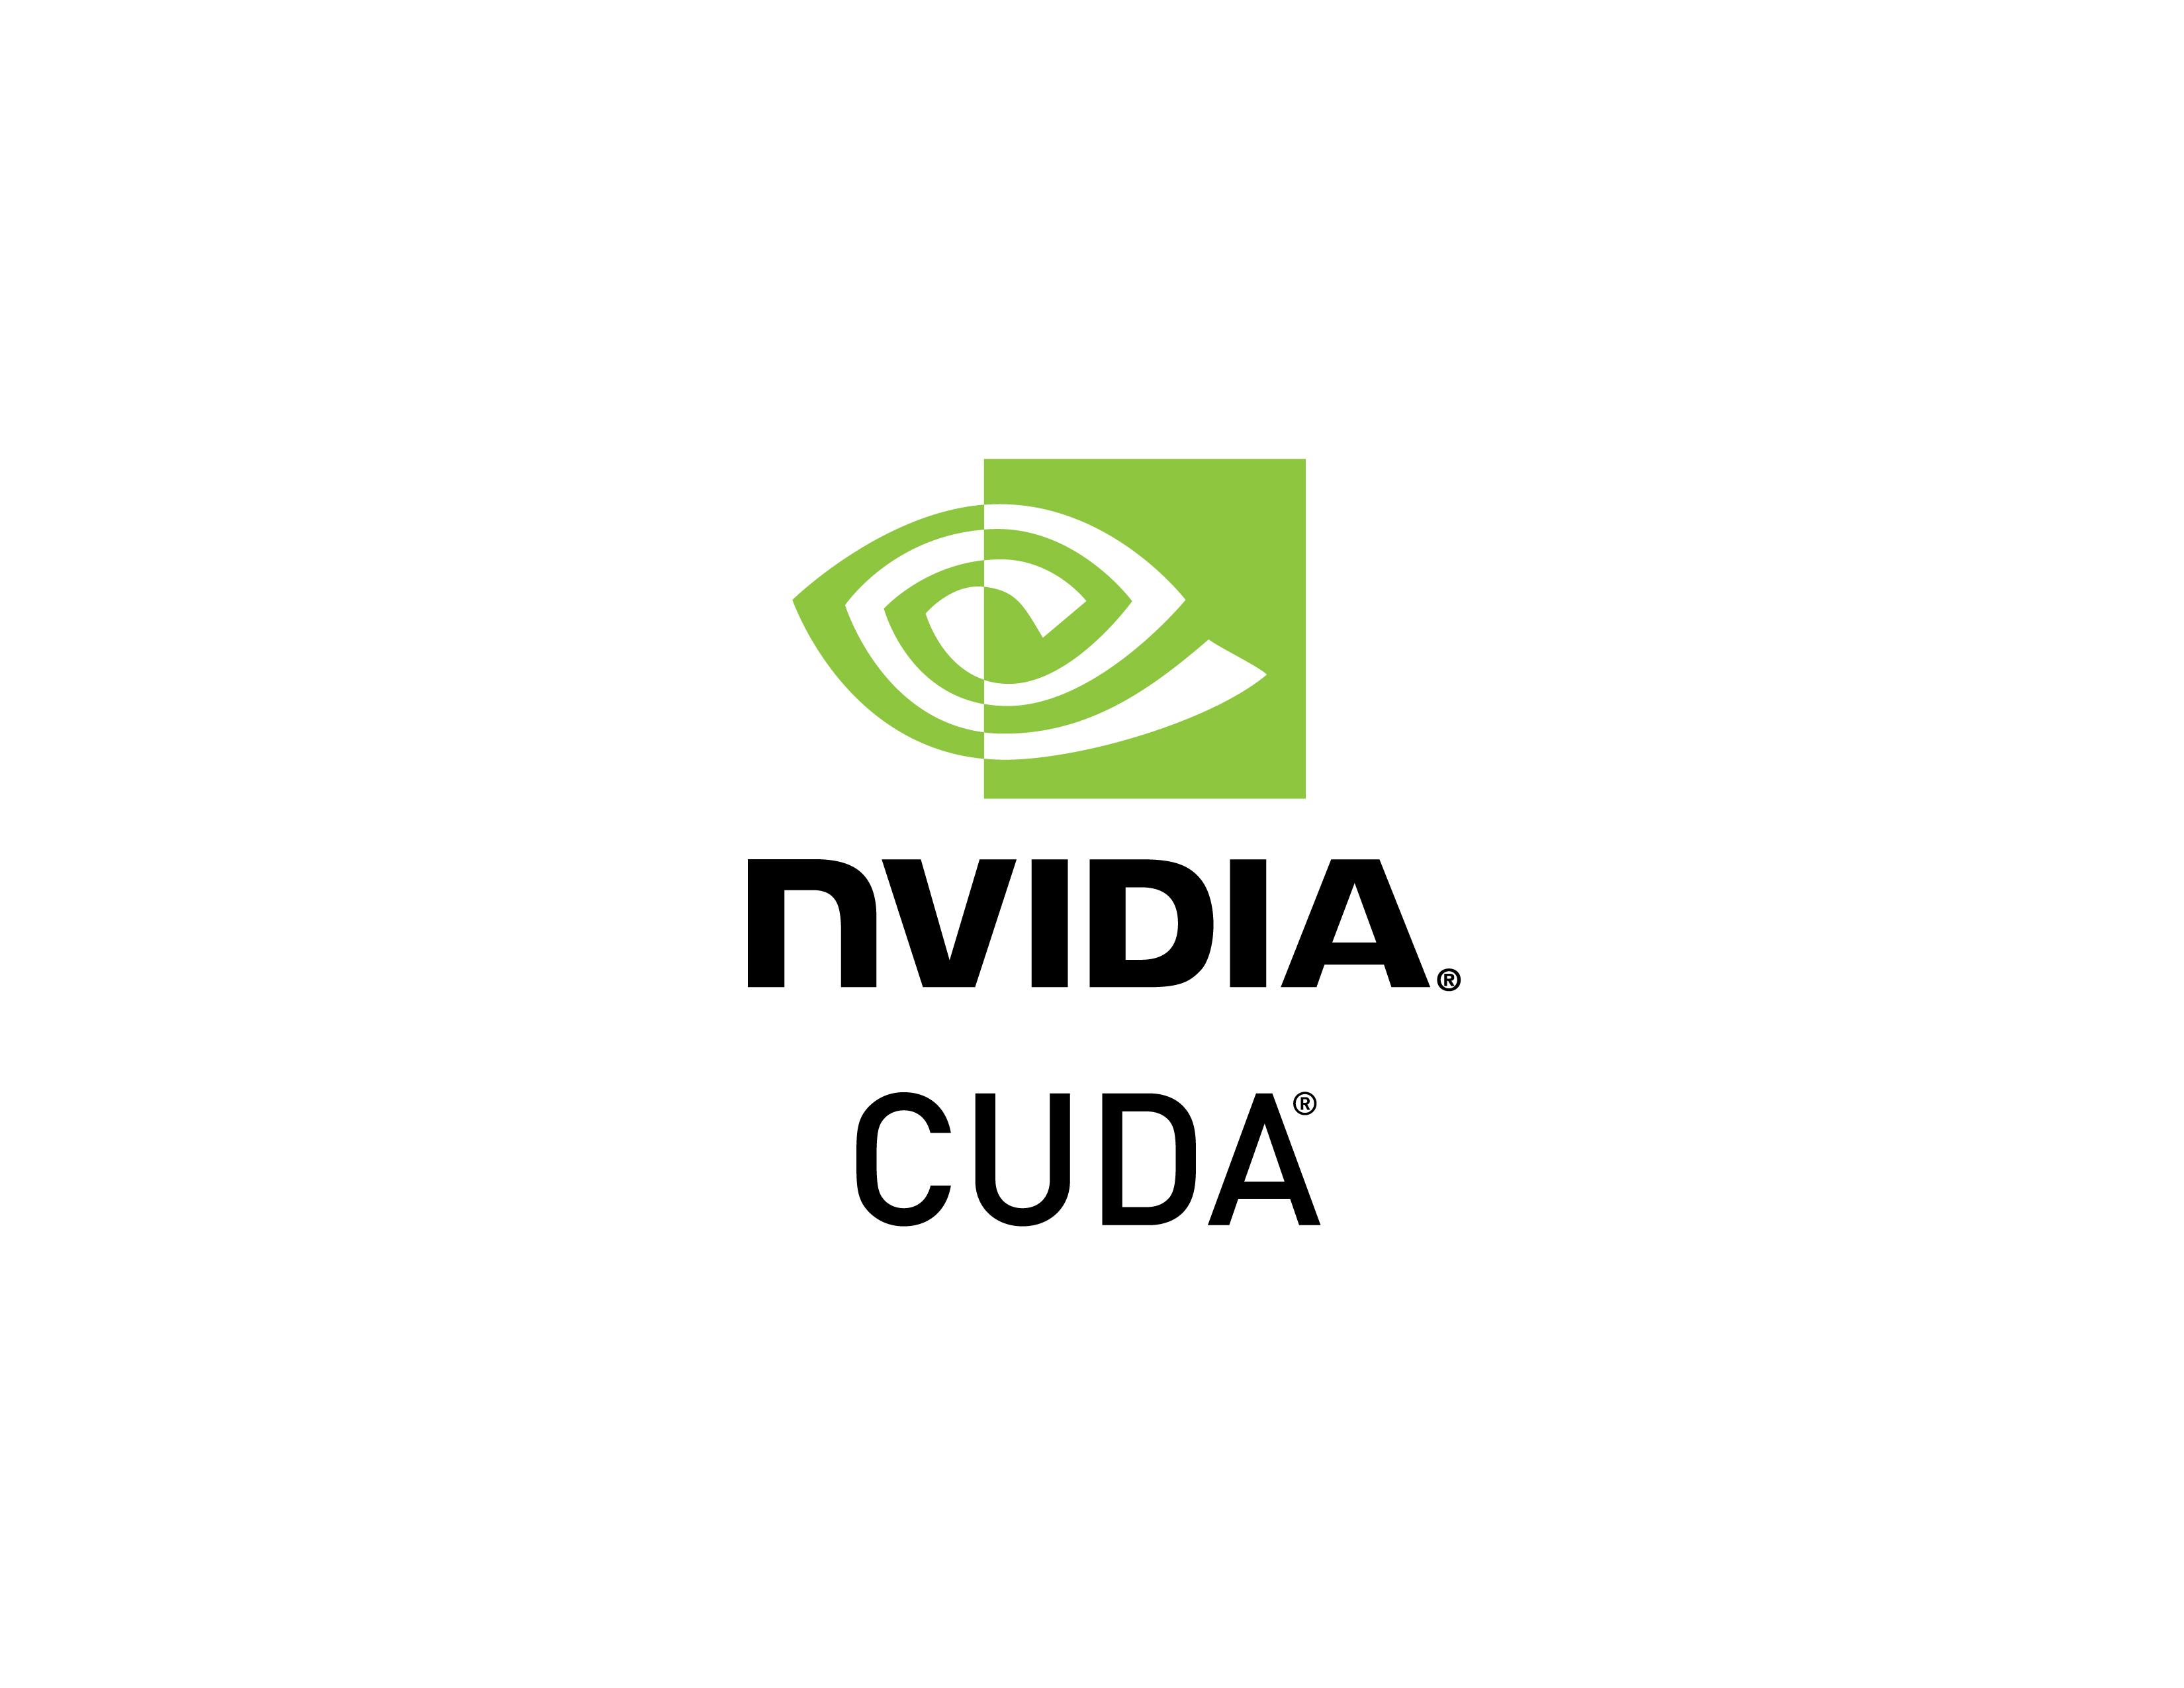 NVIDIA_CUDA_V_2C_r